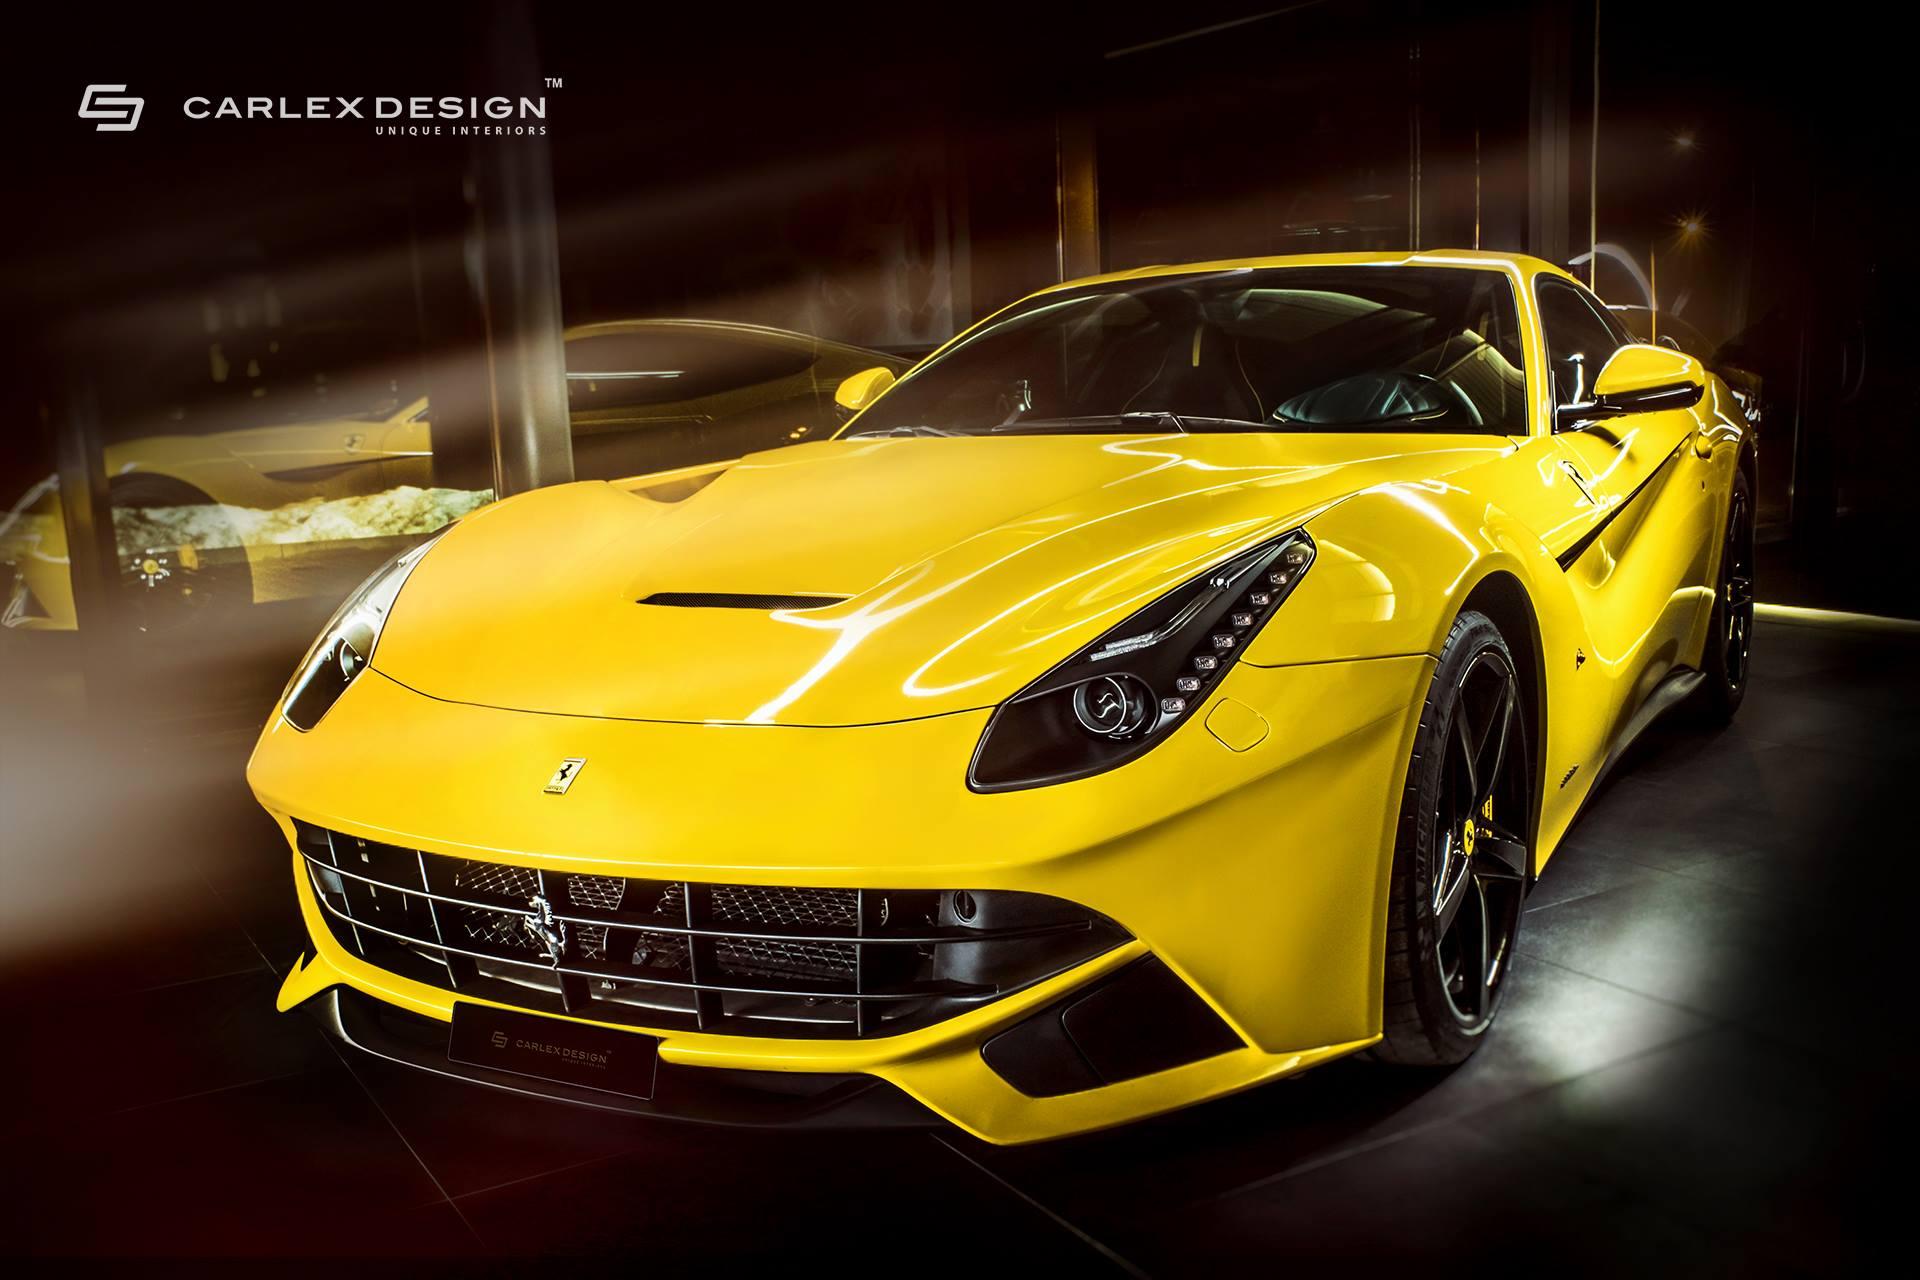 Ferrari F12berlinetta by Carlex Design (1)